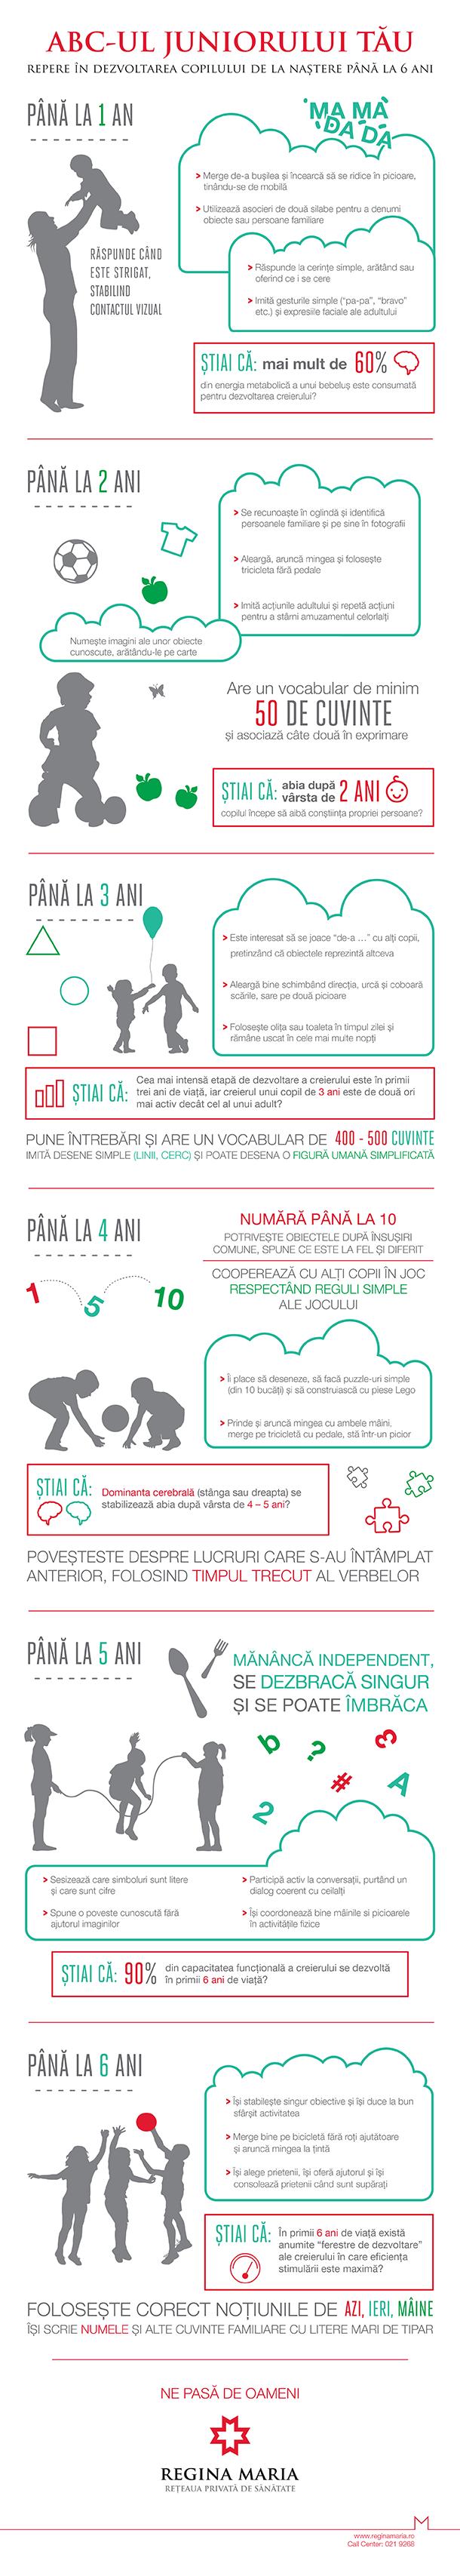 ABCJuniorMonicaBolocan-1an